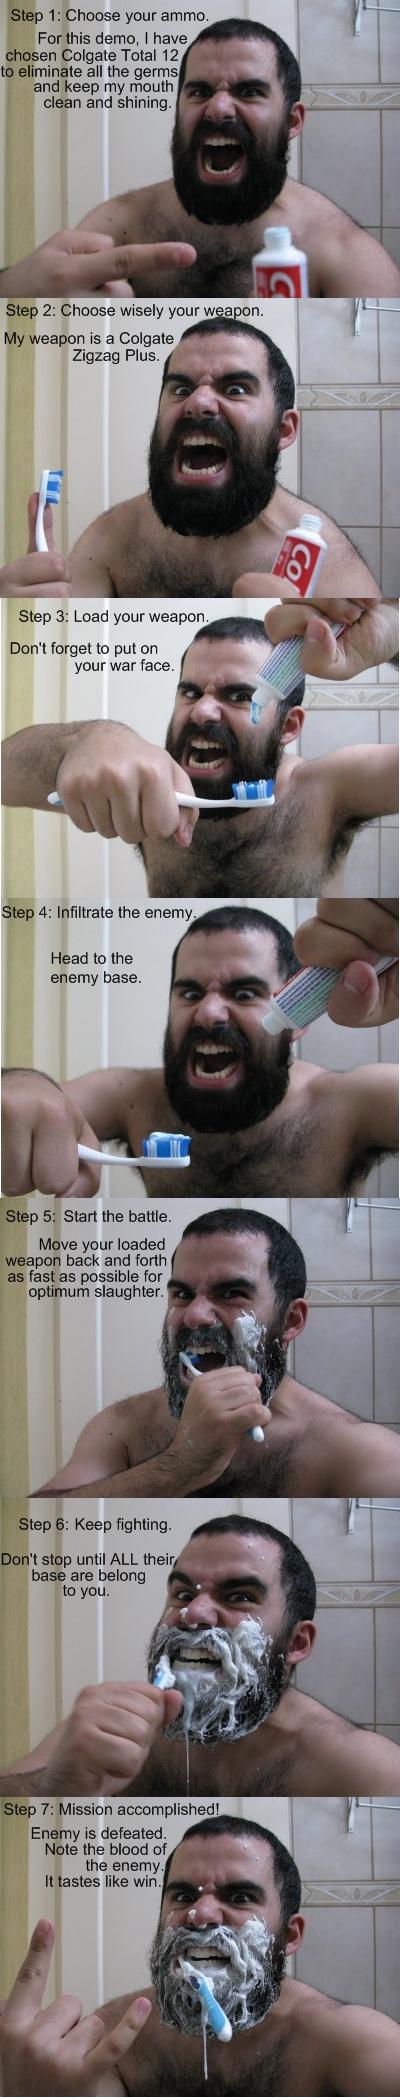 Хэрхэн Спартанчууд шиг шүдээ угаах вэ? Brush-your-teeth-like-a-spartan-sparta-toothpaste-300